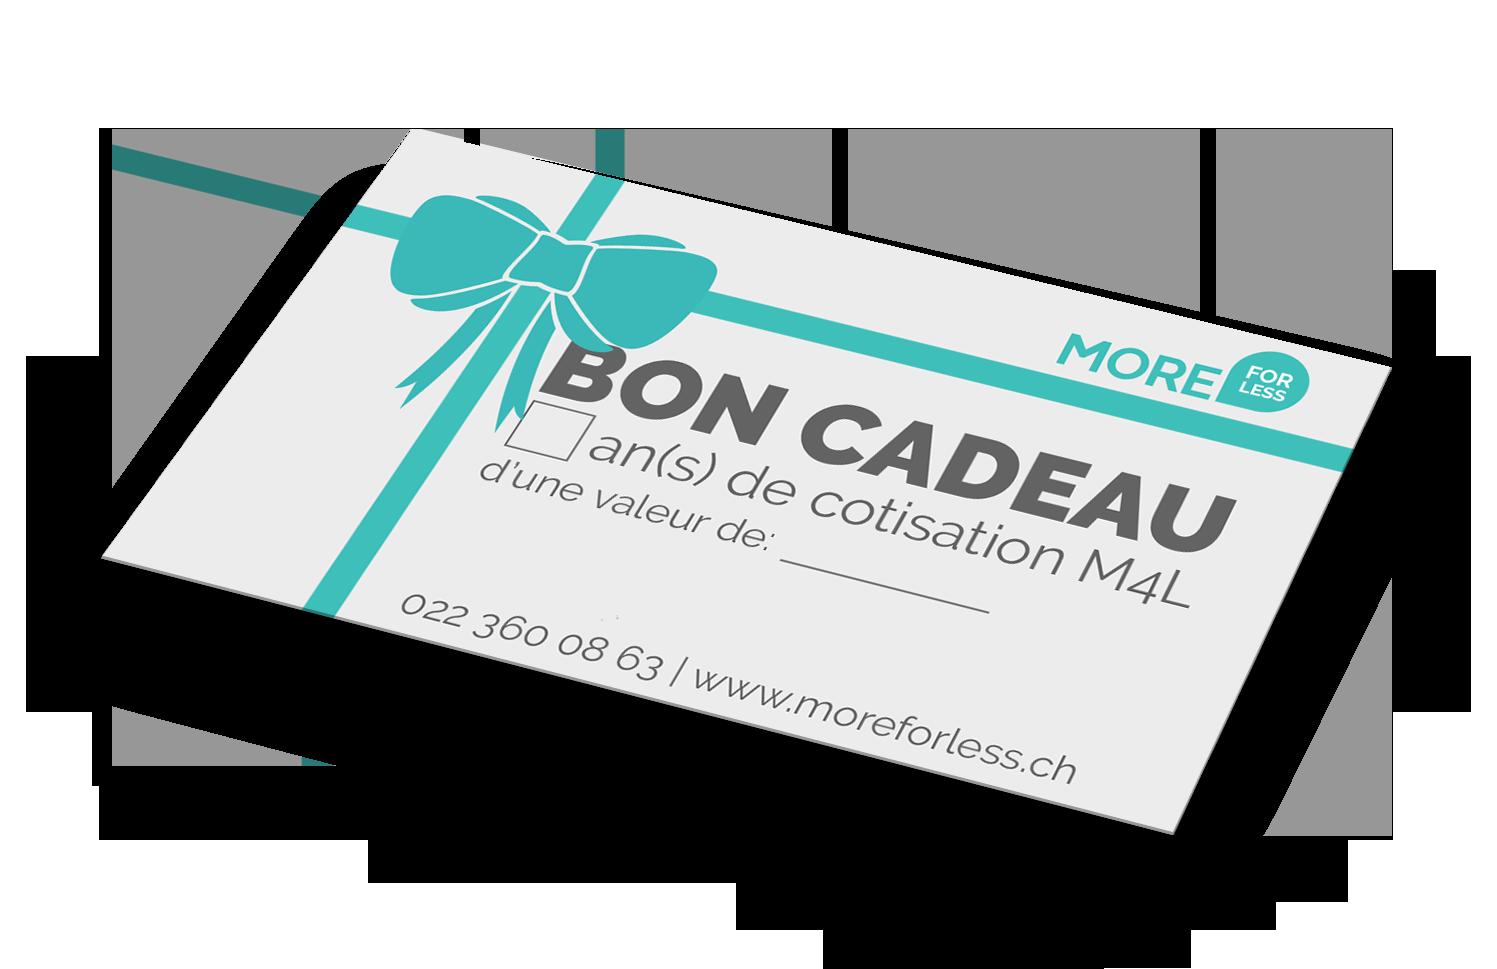 bon_cadeaux_small_M4L